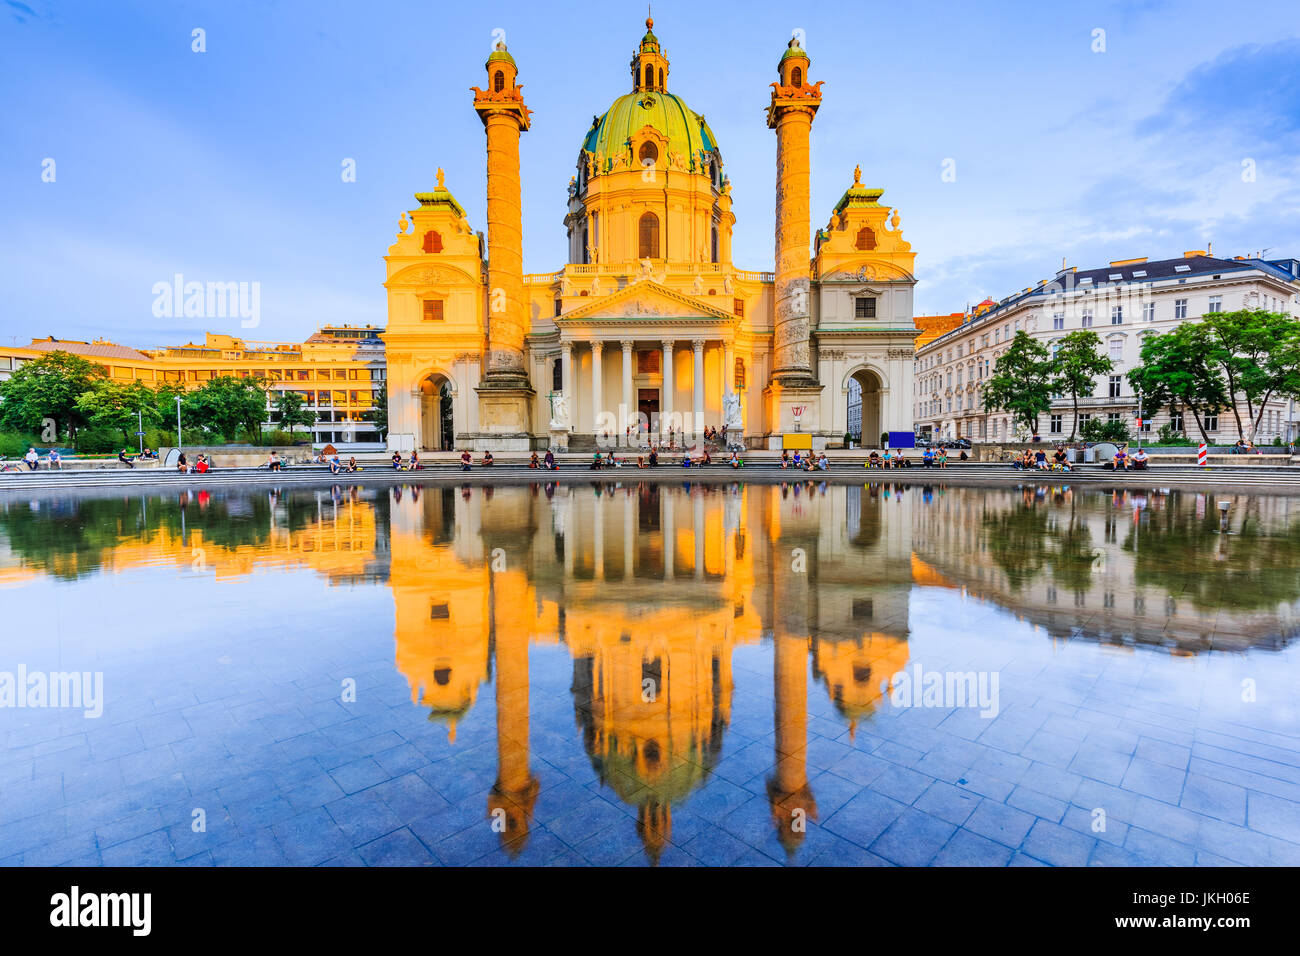 Vienne, Autriche. L'église de Saint Charles (Karlskirche) au coucher du soleil. Photo Stock